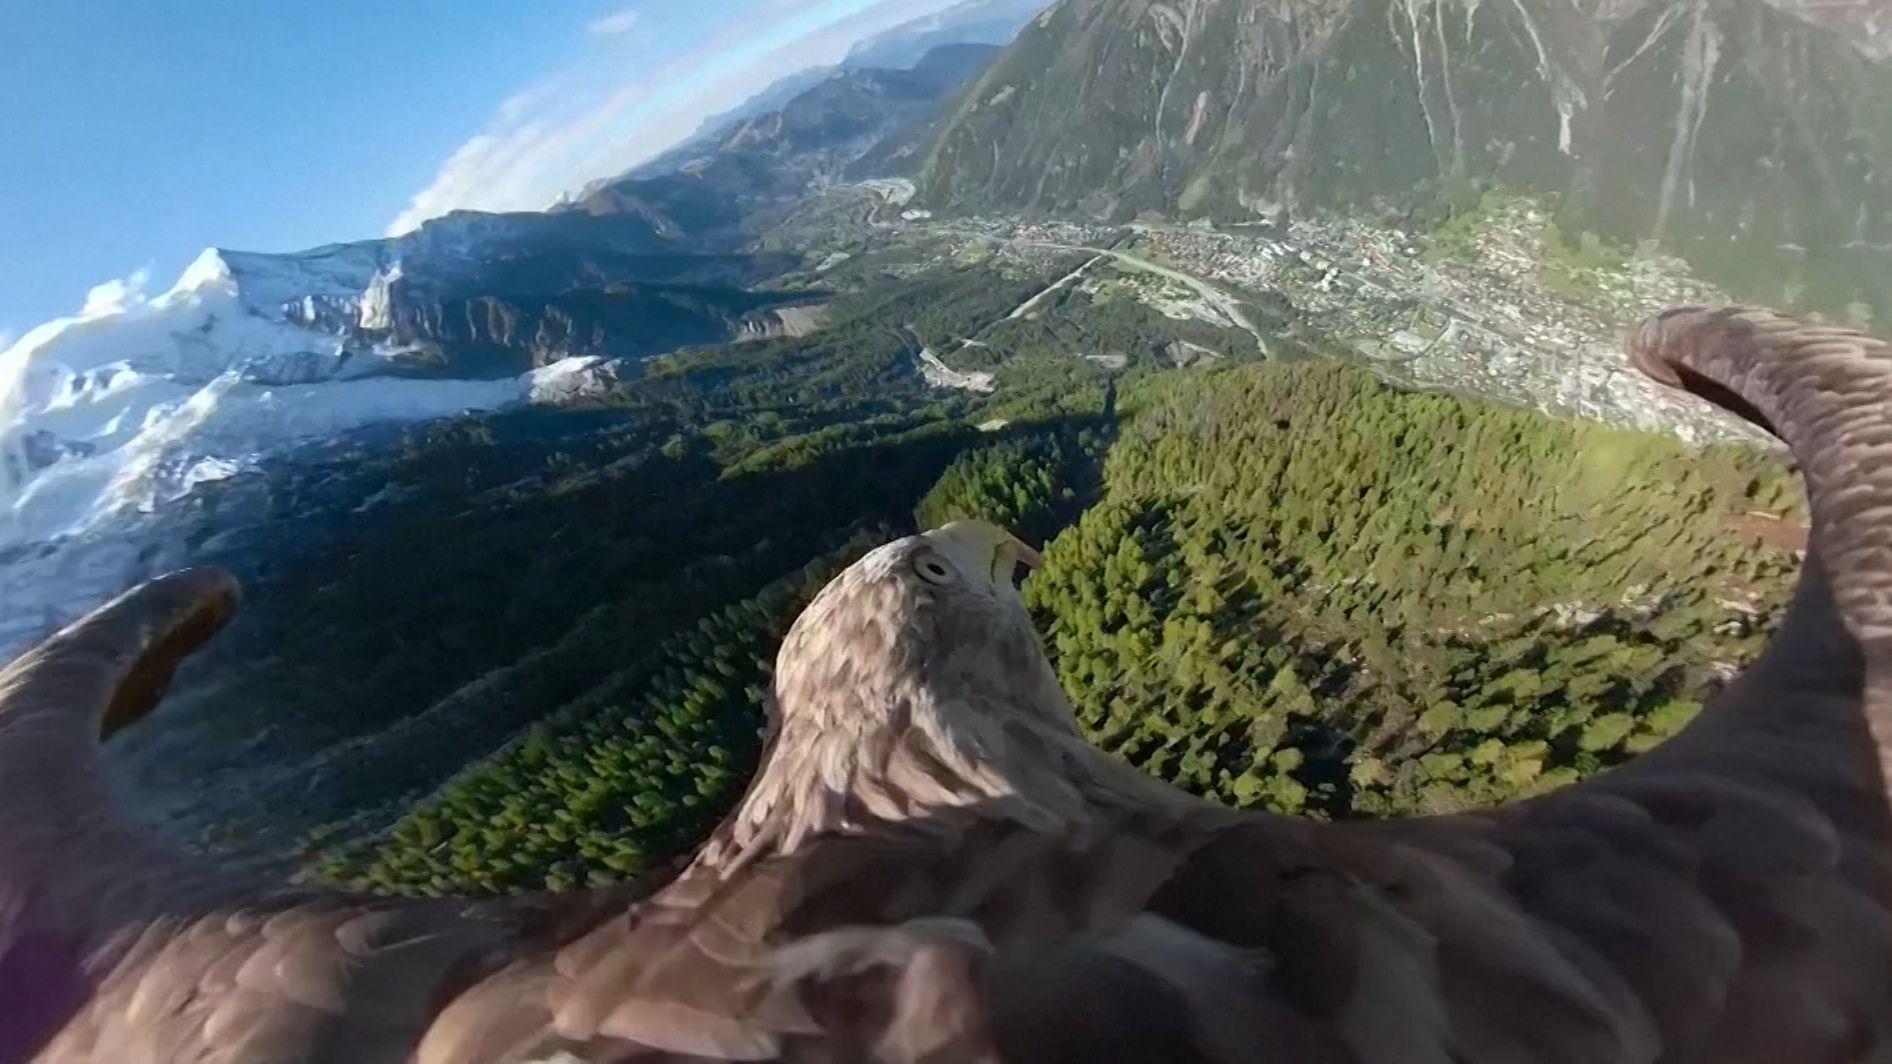 Spektakuläre Aufnahmen aus der Adlerperspektive: Die französischen Alpen bei Chamonix und Bilder von der Zugspitze.